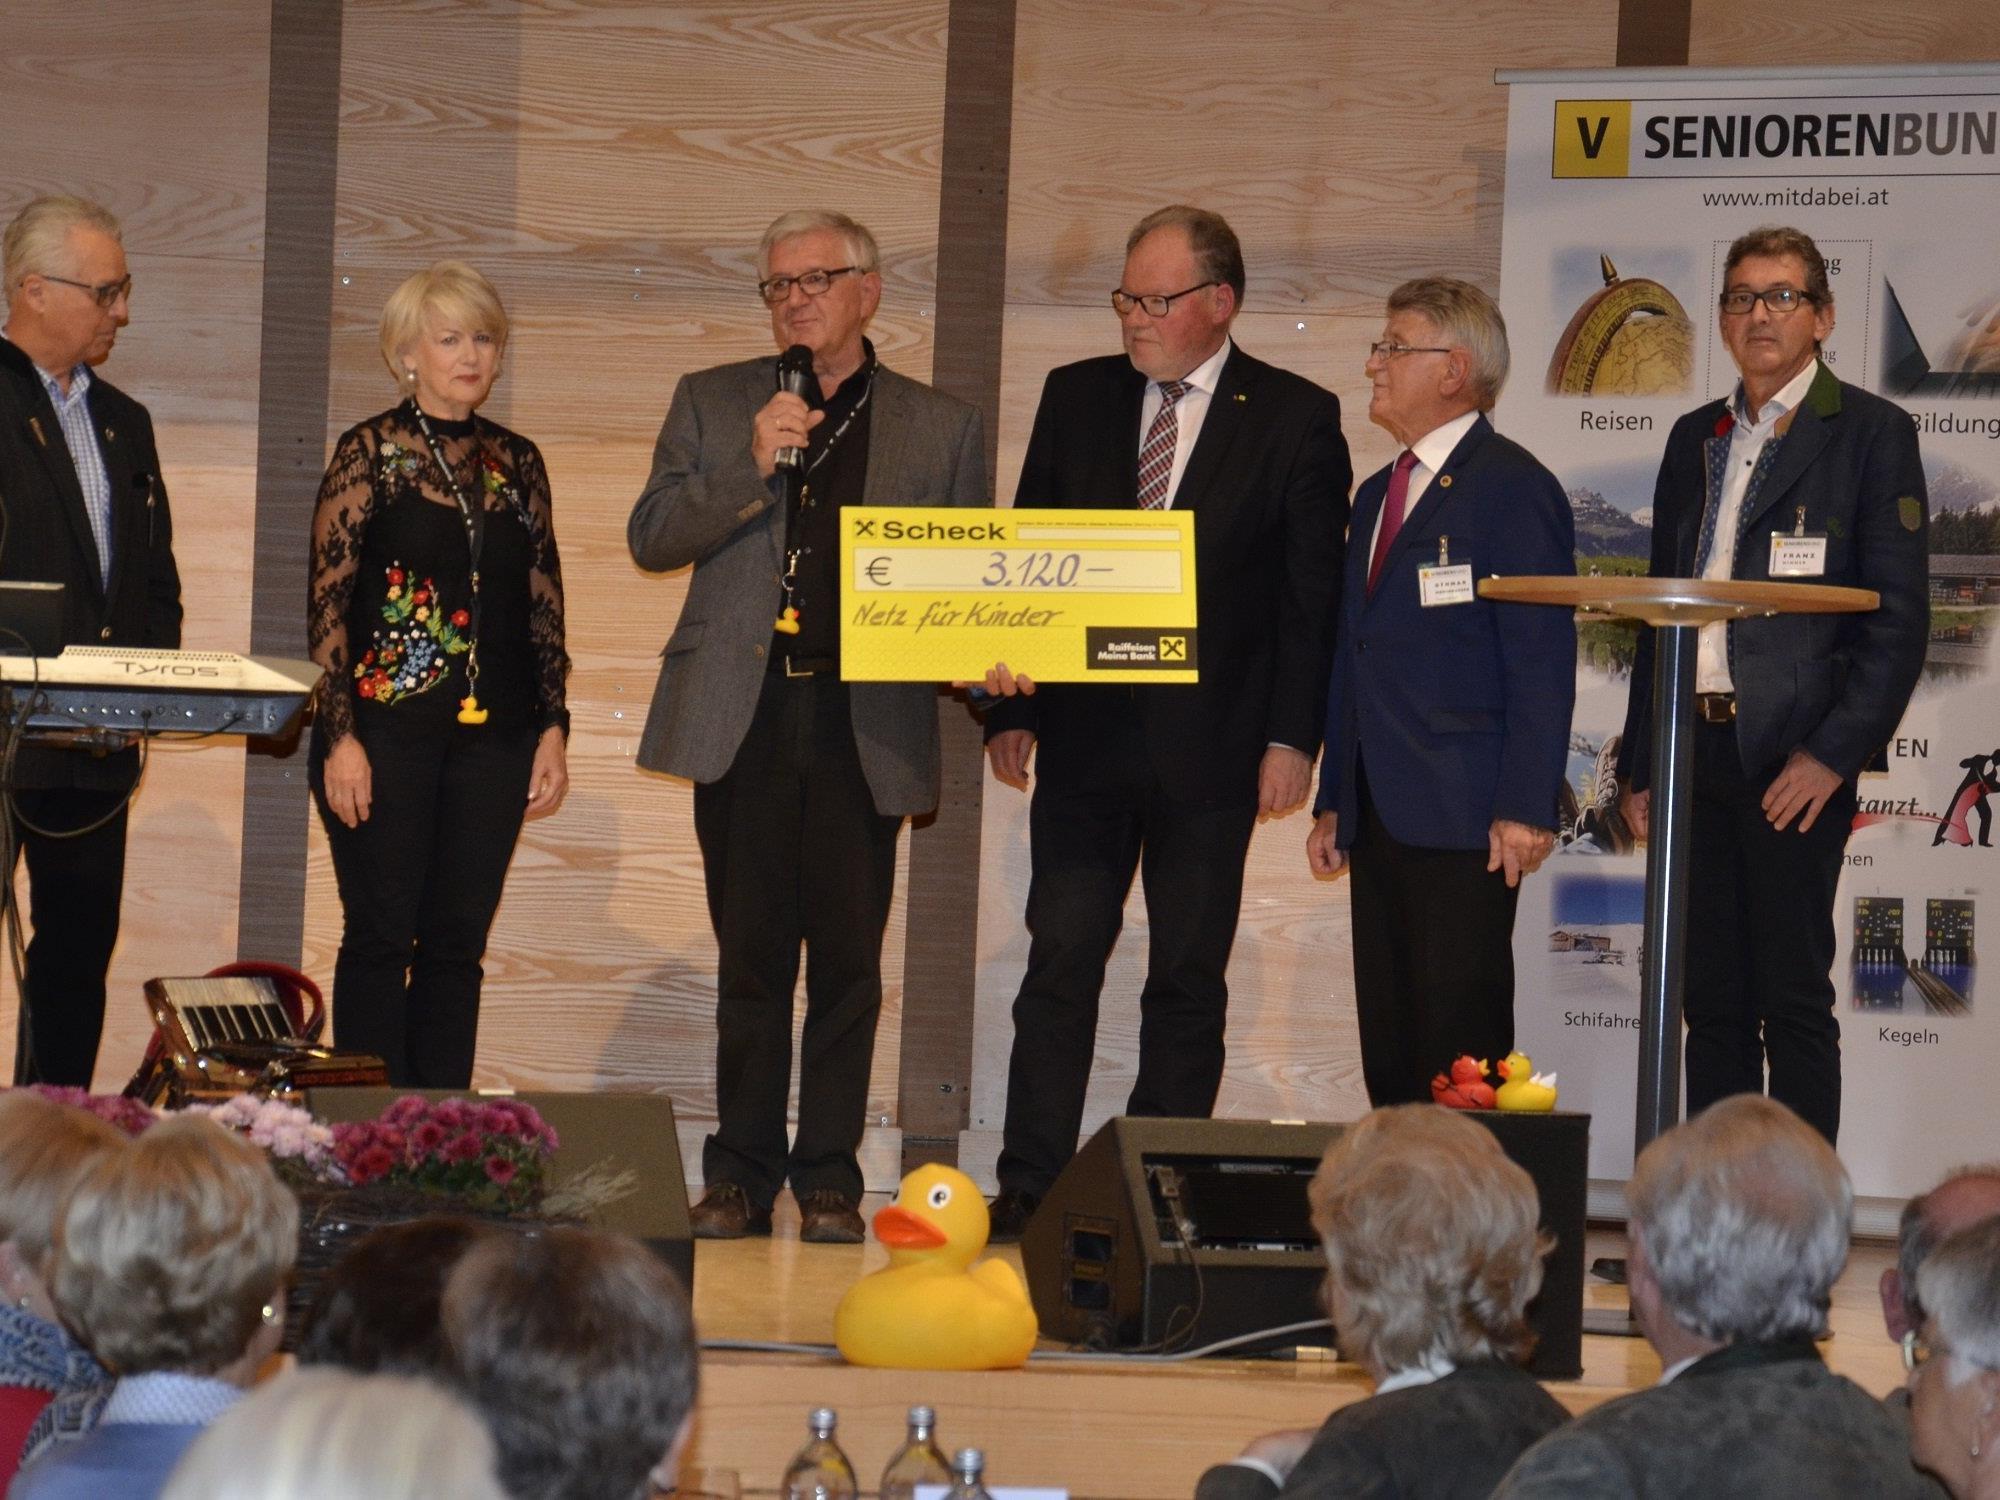 Zur Scheckübergabe wurden Ilga Sausbruber, Franz Himmer, Werner Huber, Othmar Moosbrugger und Franz Abbrederis auf die Bühne gebeten.